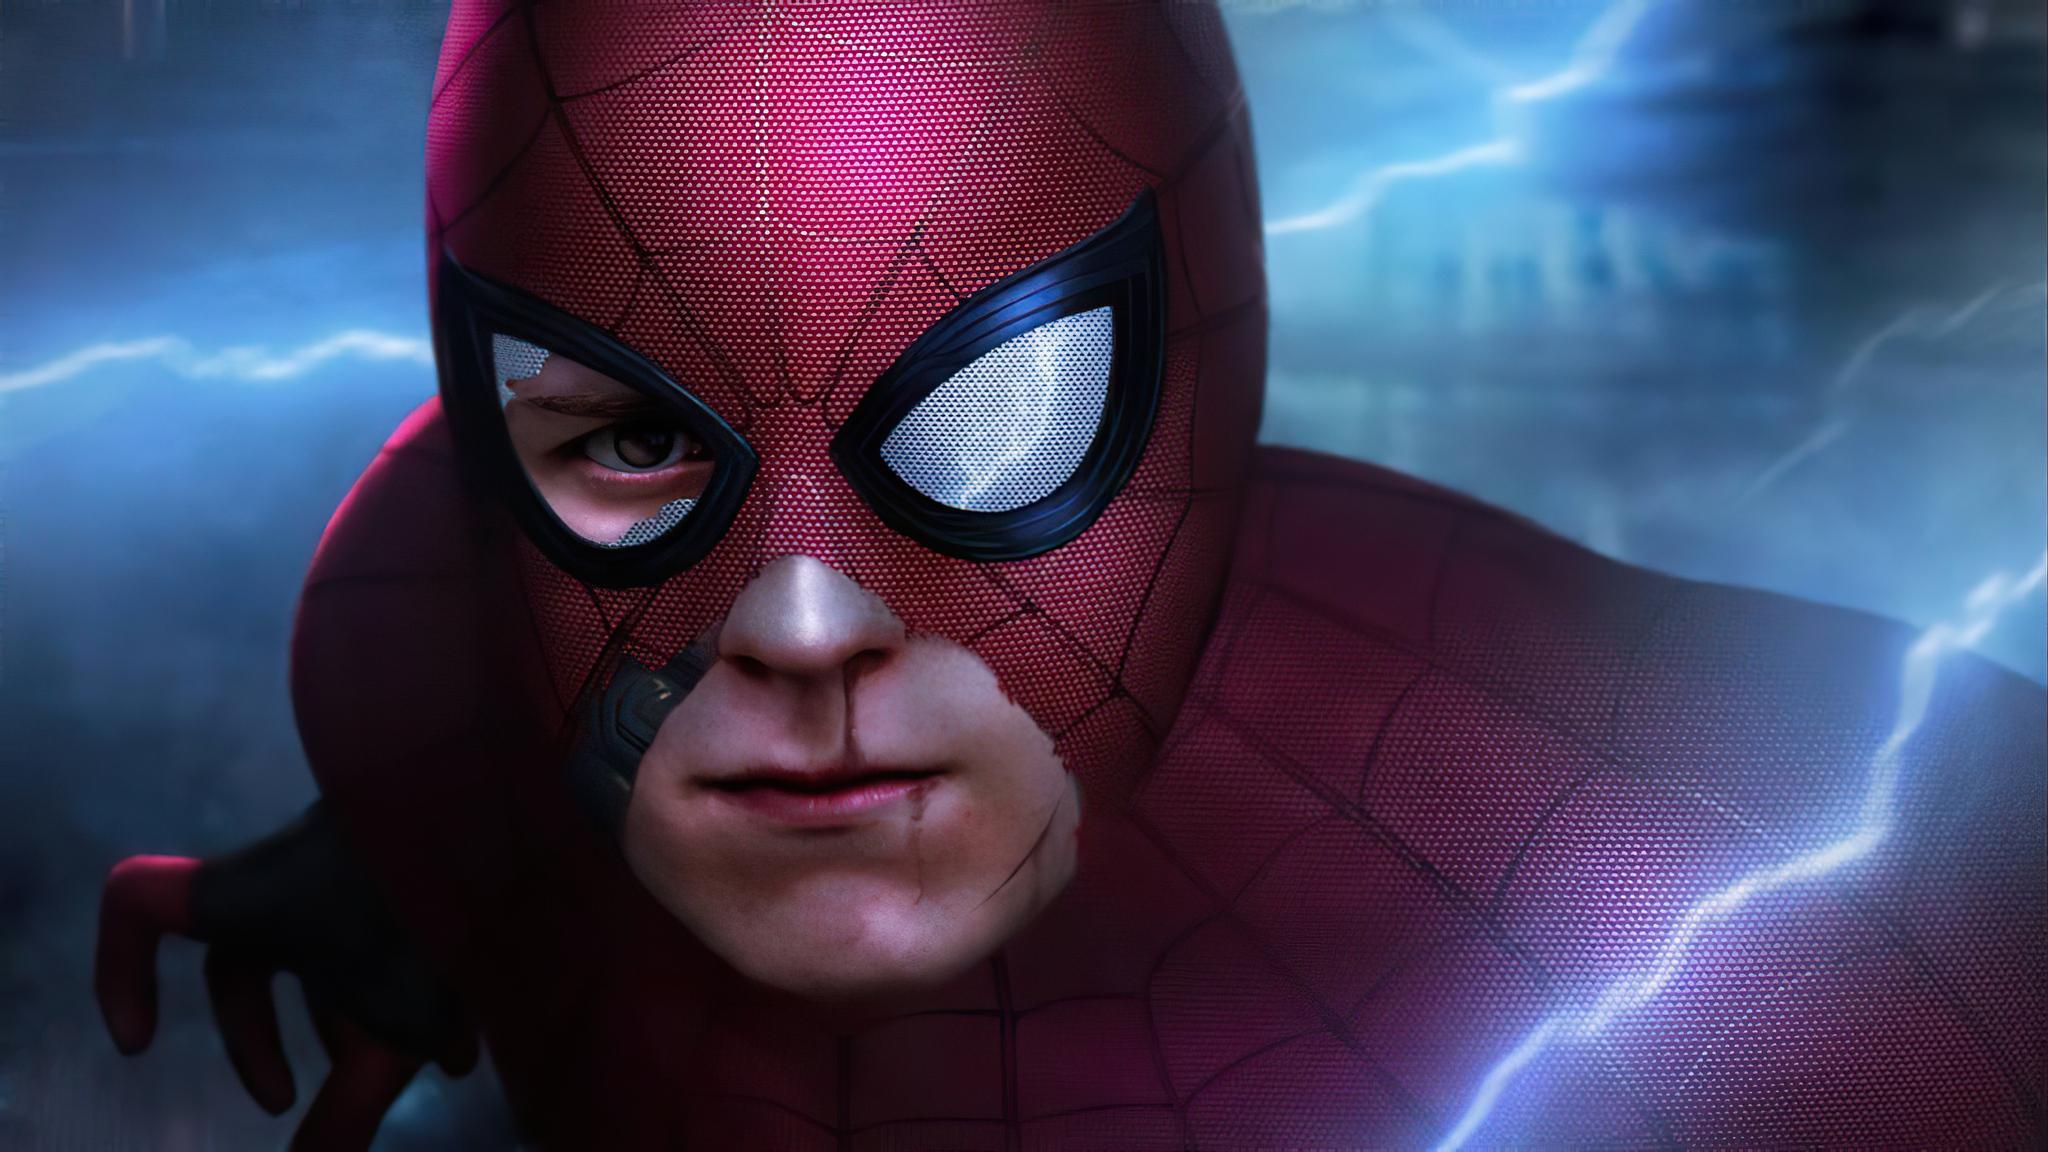 2048x1152 Spider Man Tom Holland 4k 2048x1152 Resolution ...